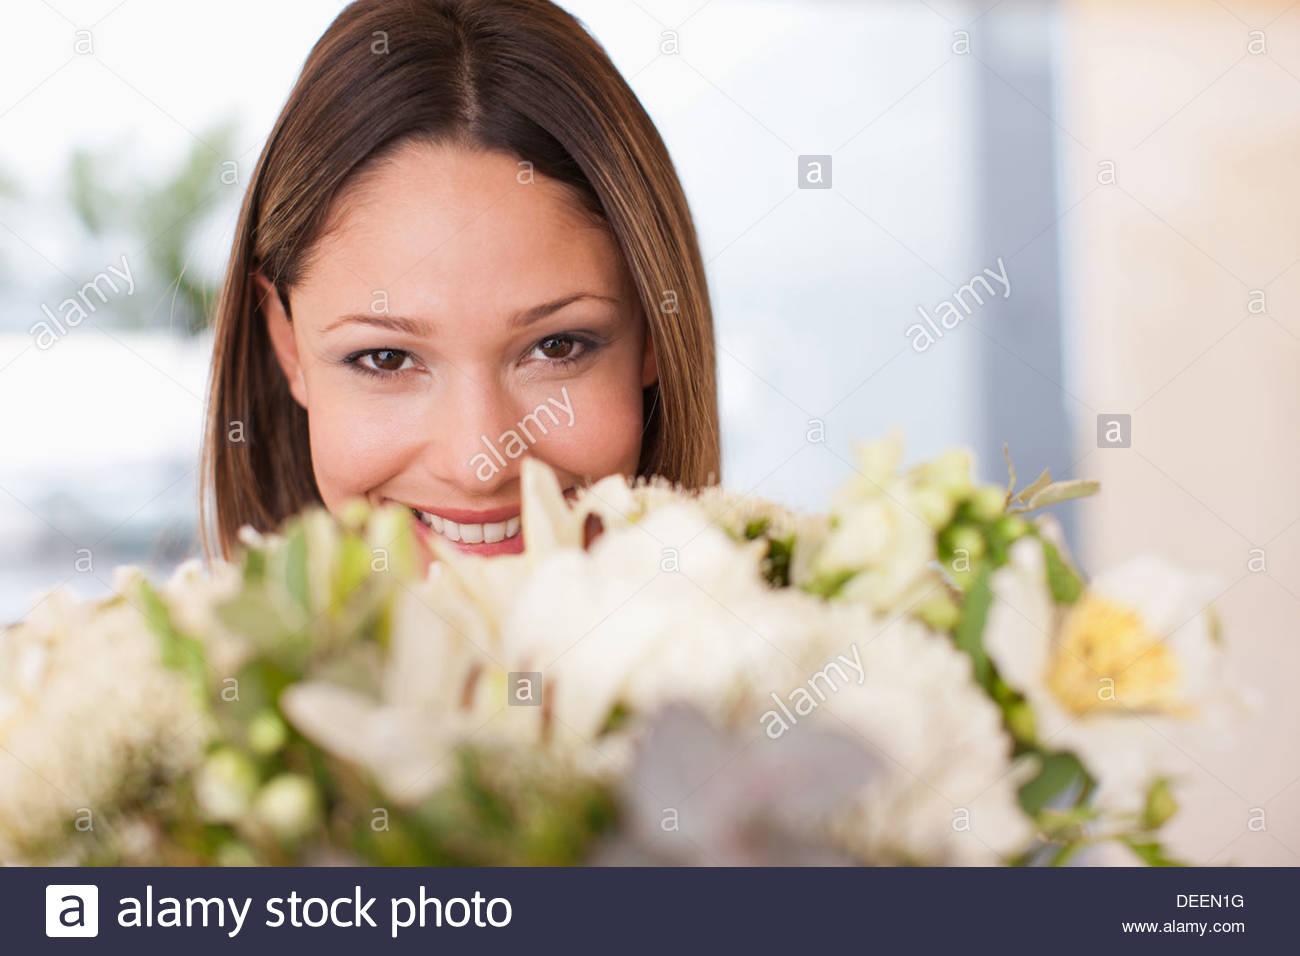 Mujer sosteniendo bouquet de flores Imagen De Stock